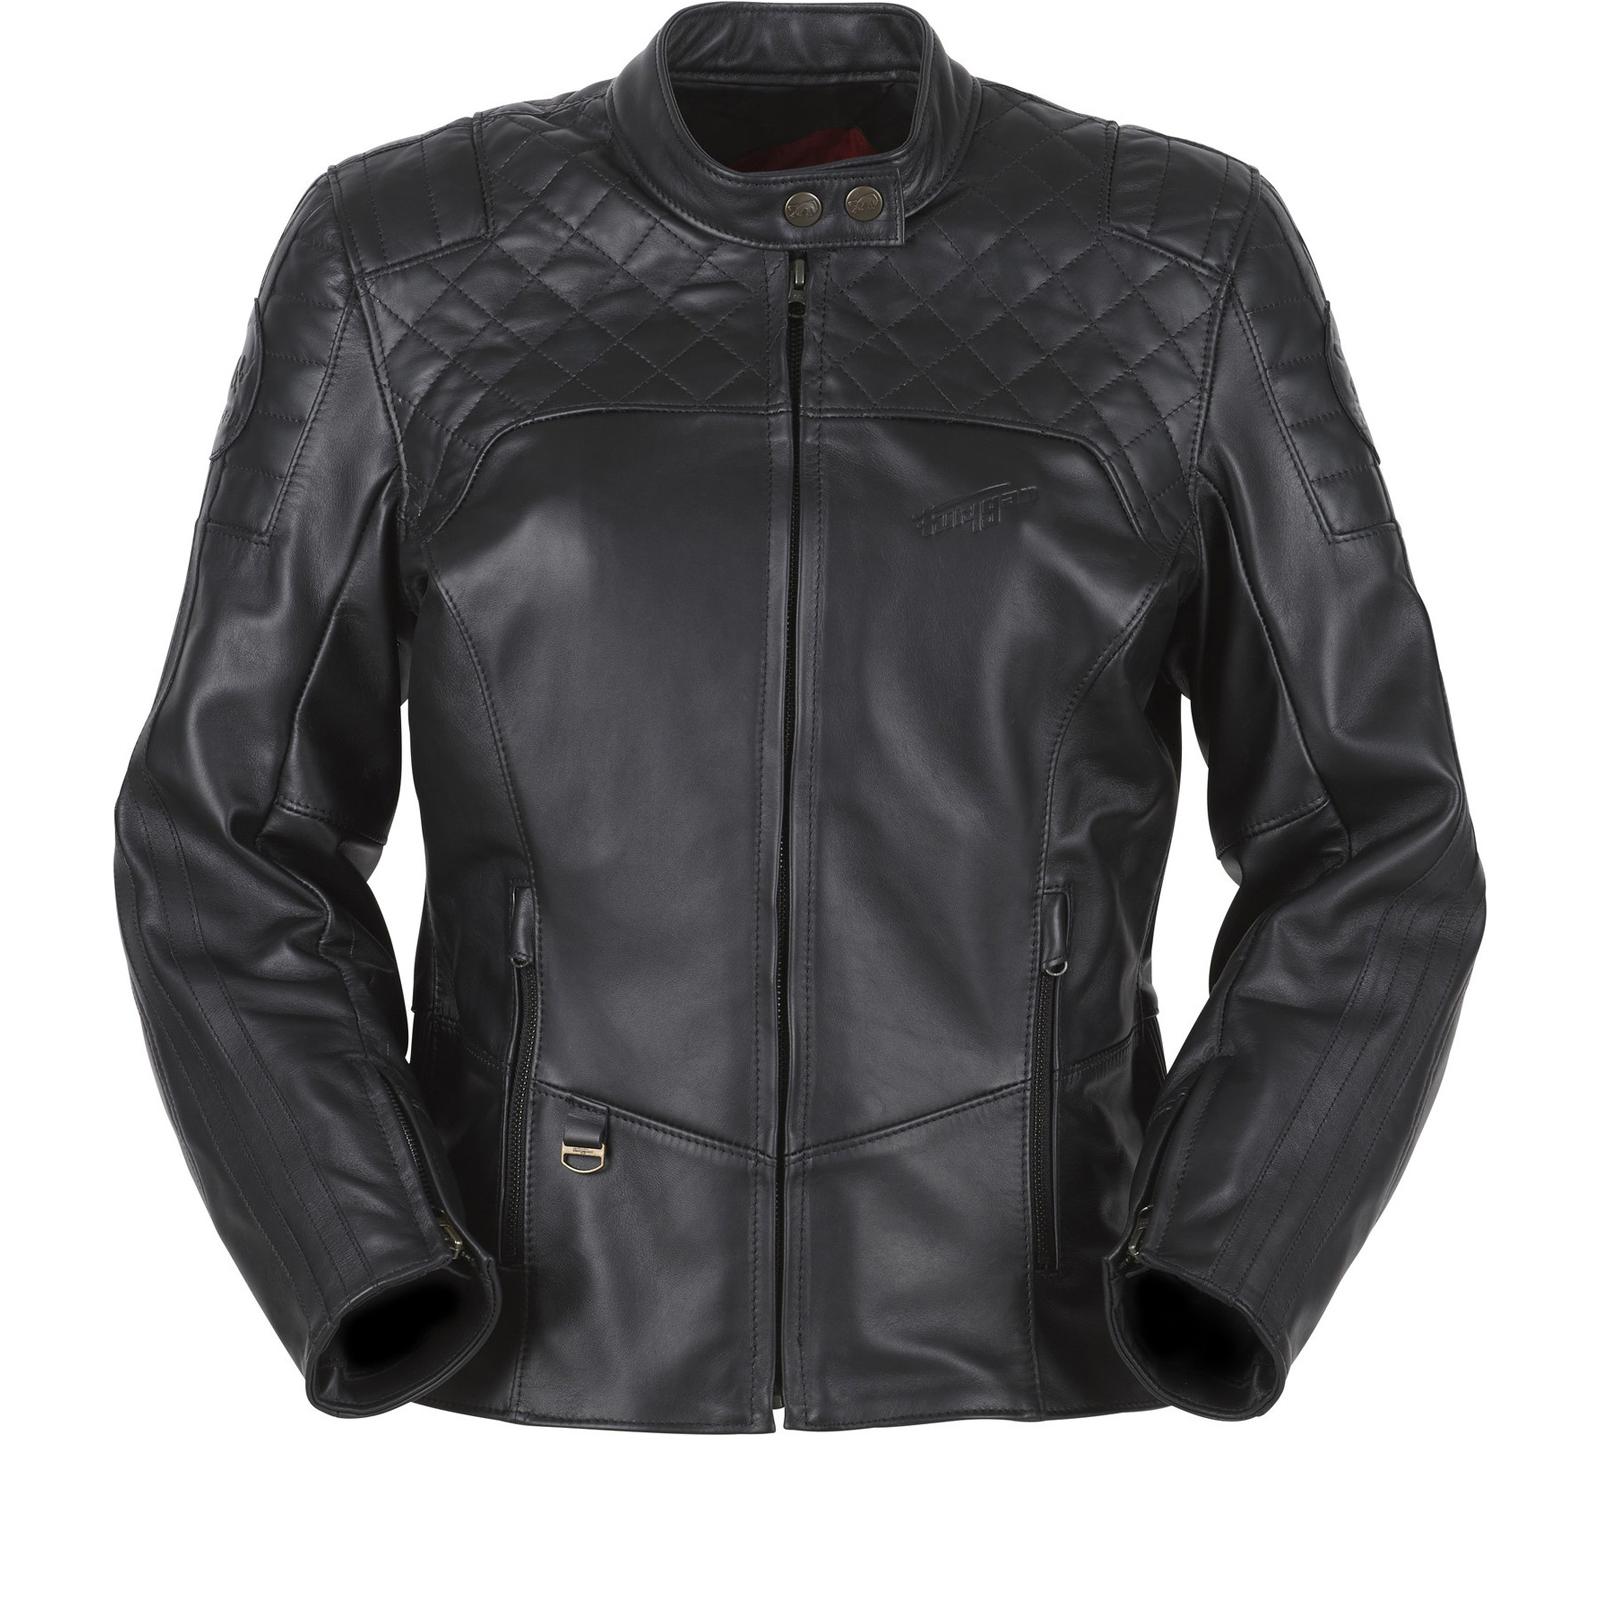 Furygan Legend Ladies Leather Motorcycle Jacket